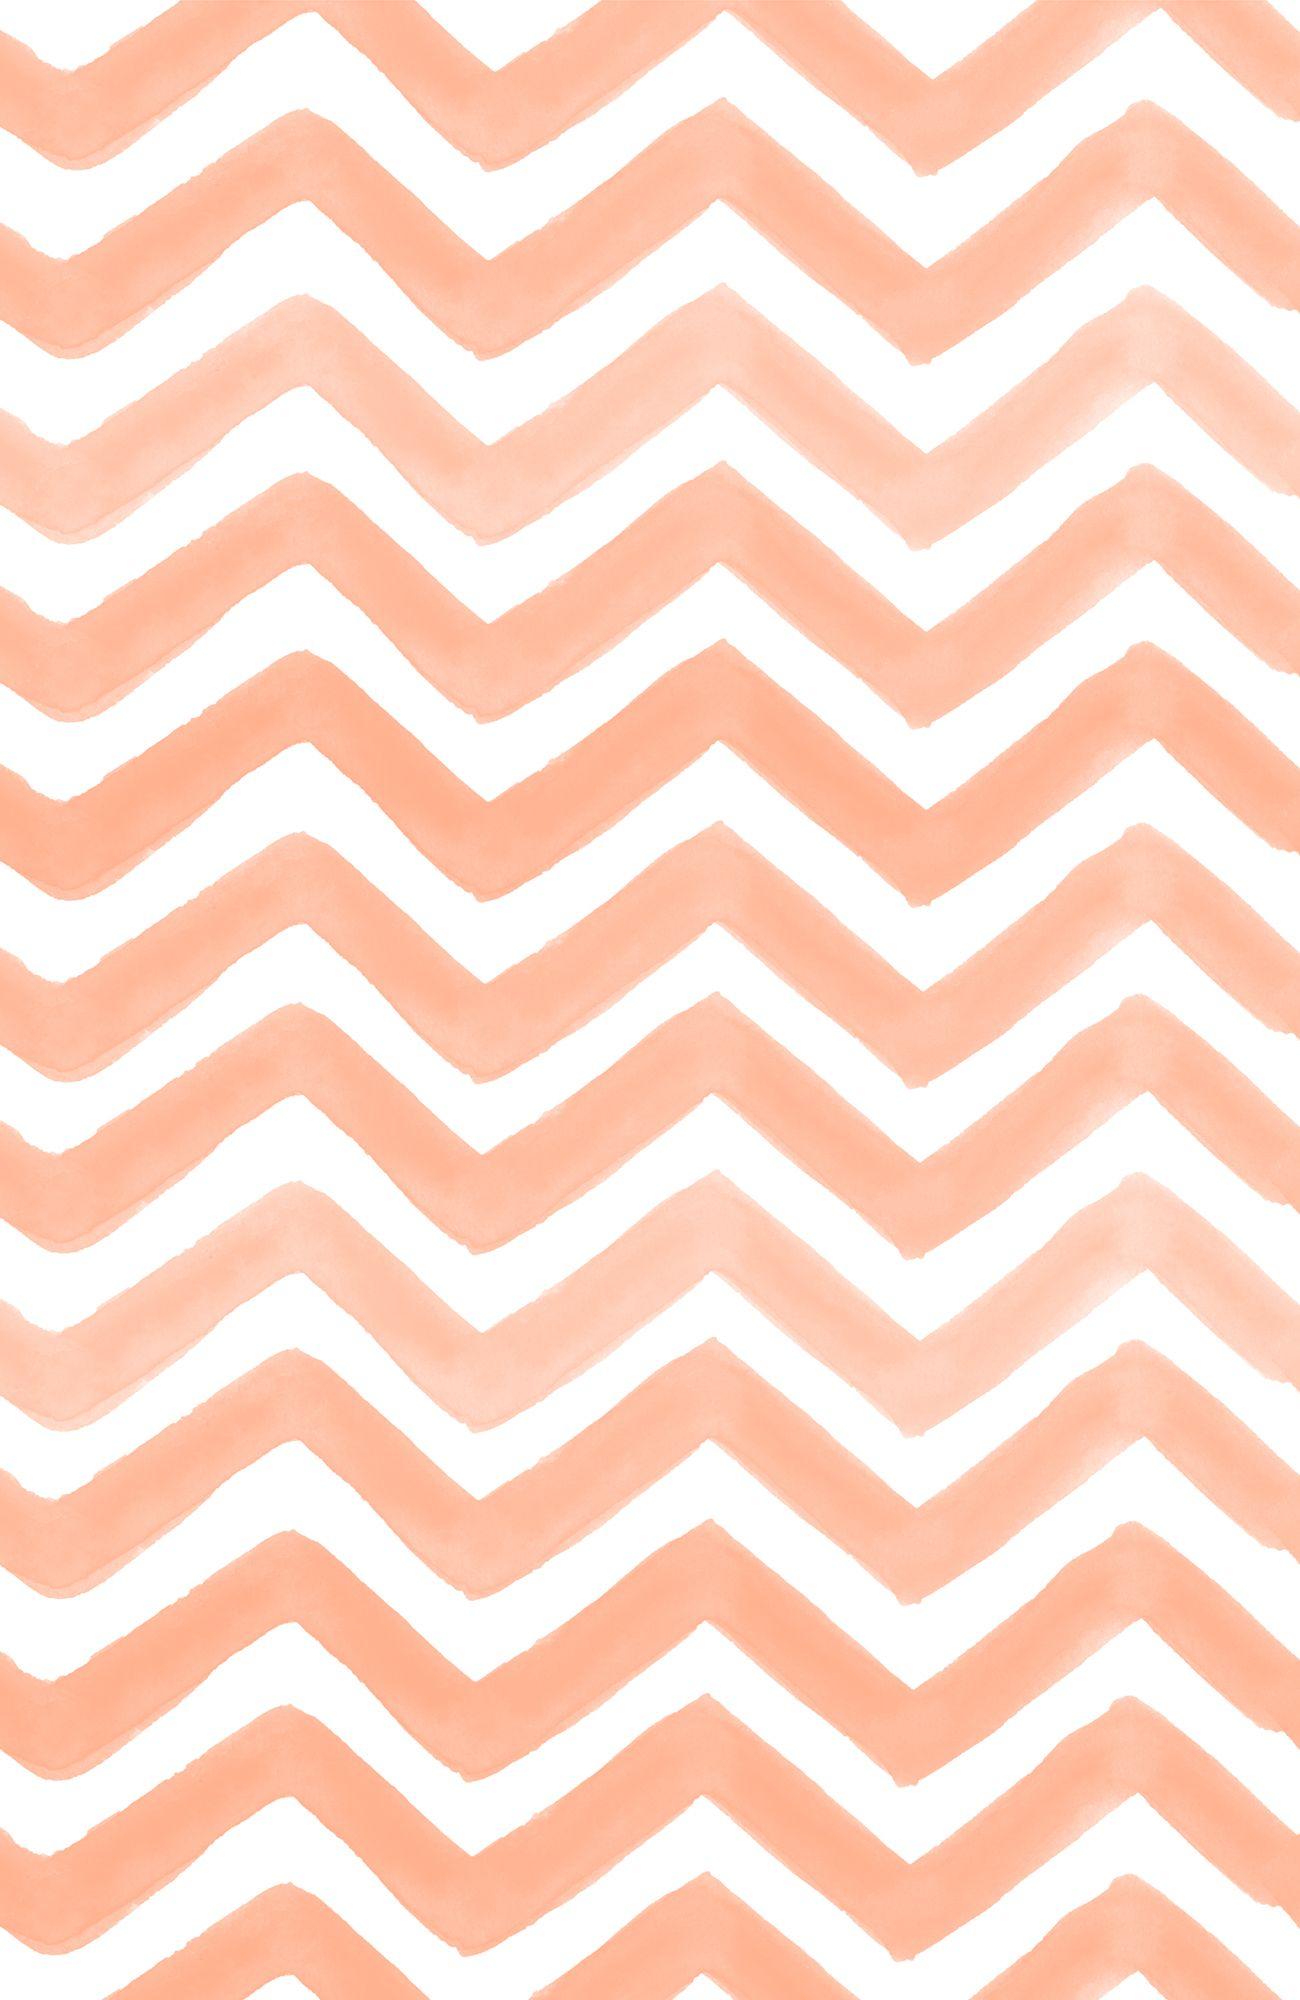 Pastel lace tumblr